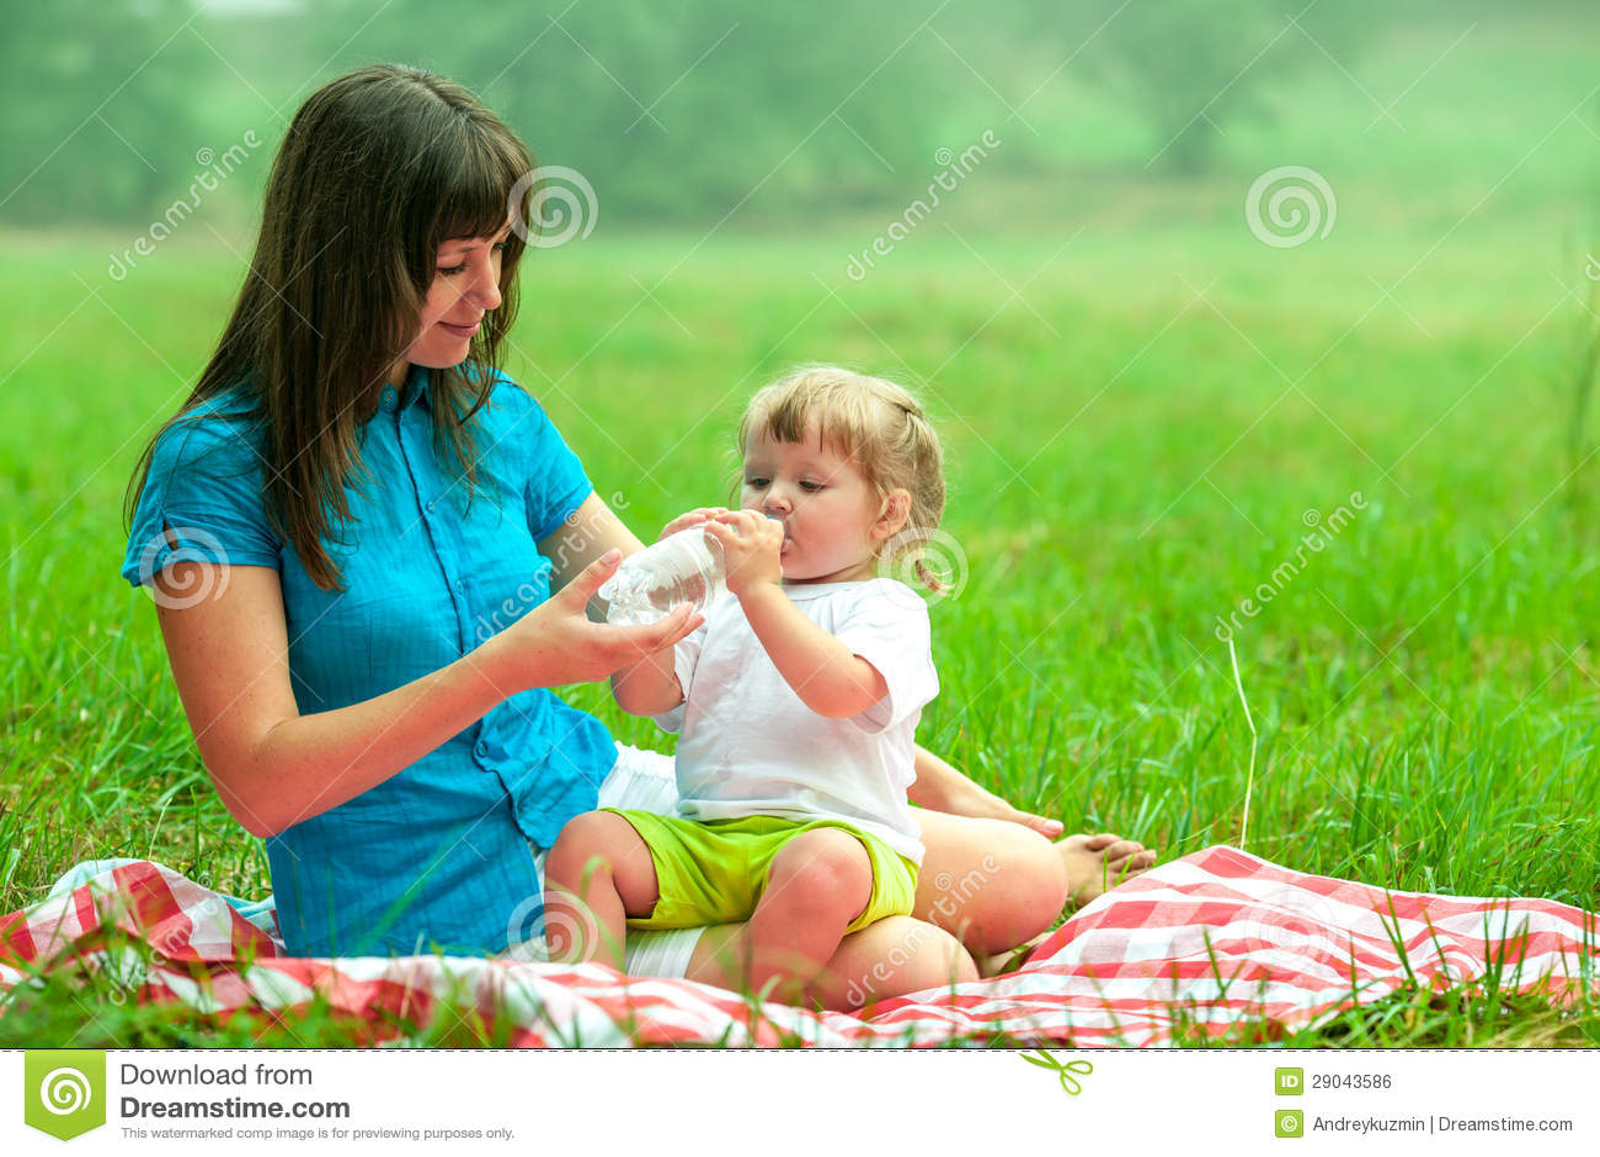 С мамочками на пикнике 21 фотография